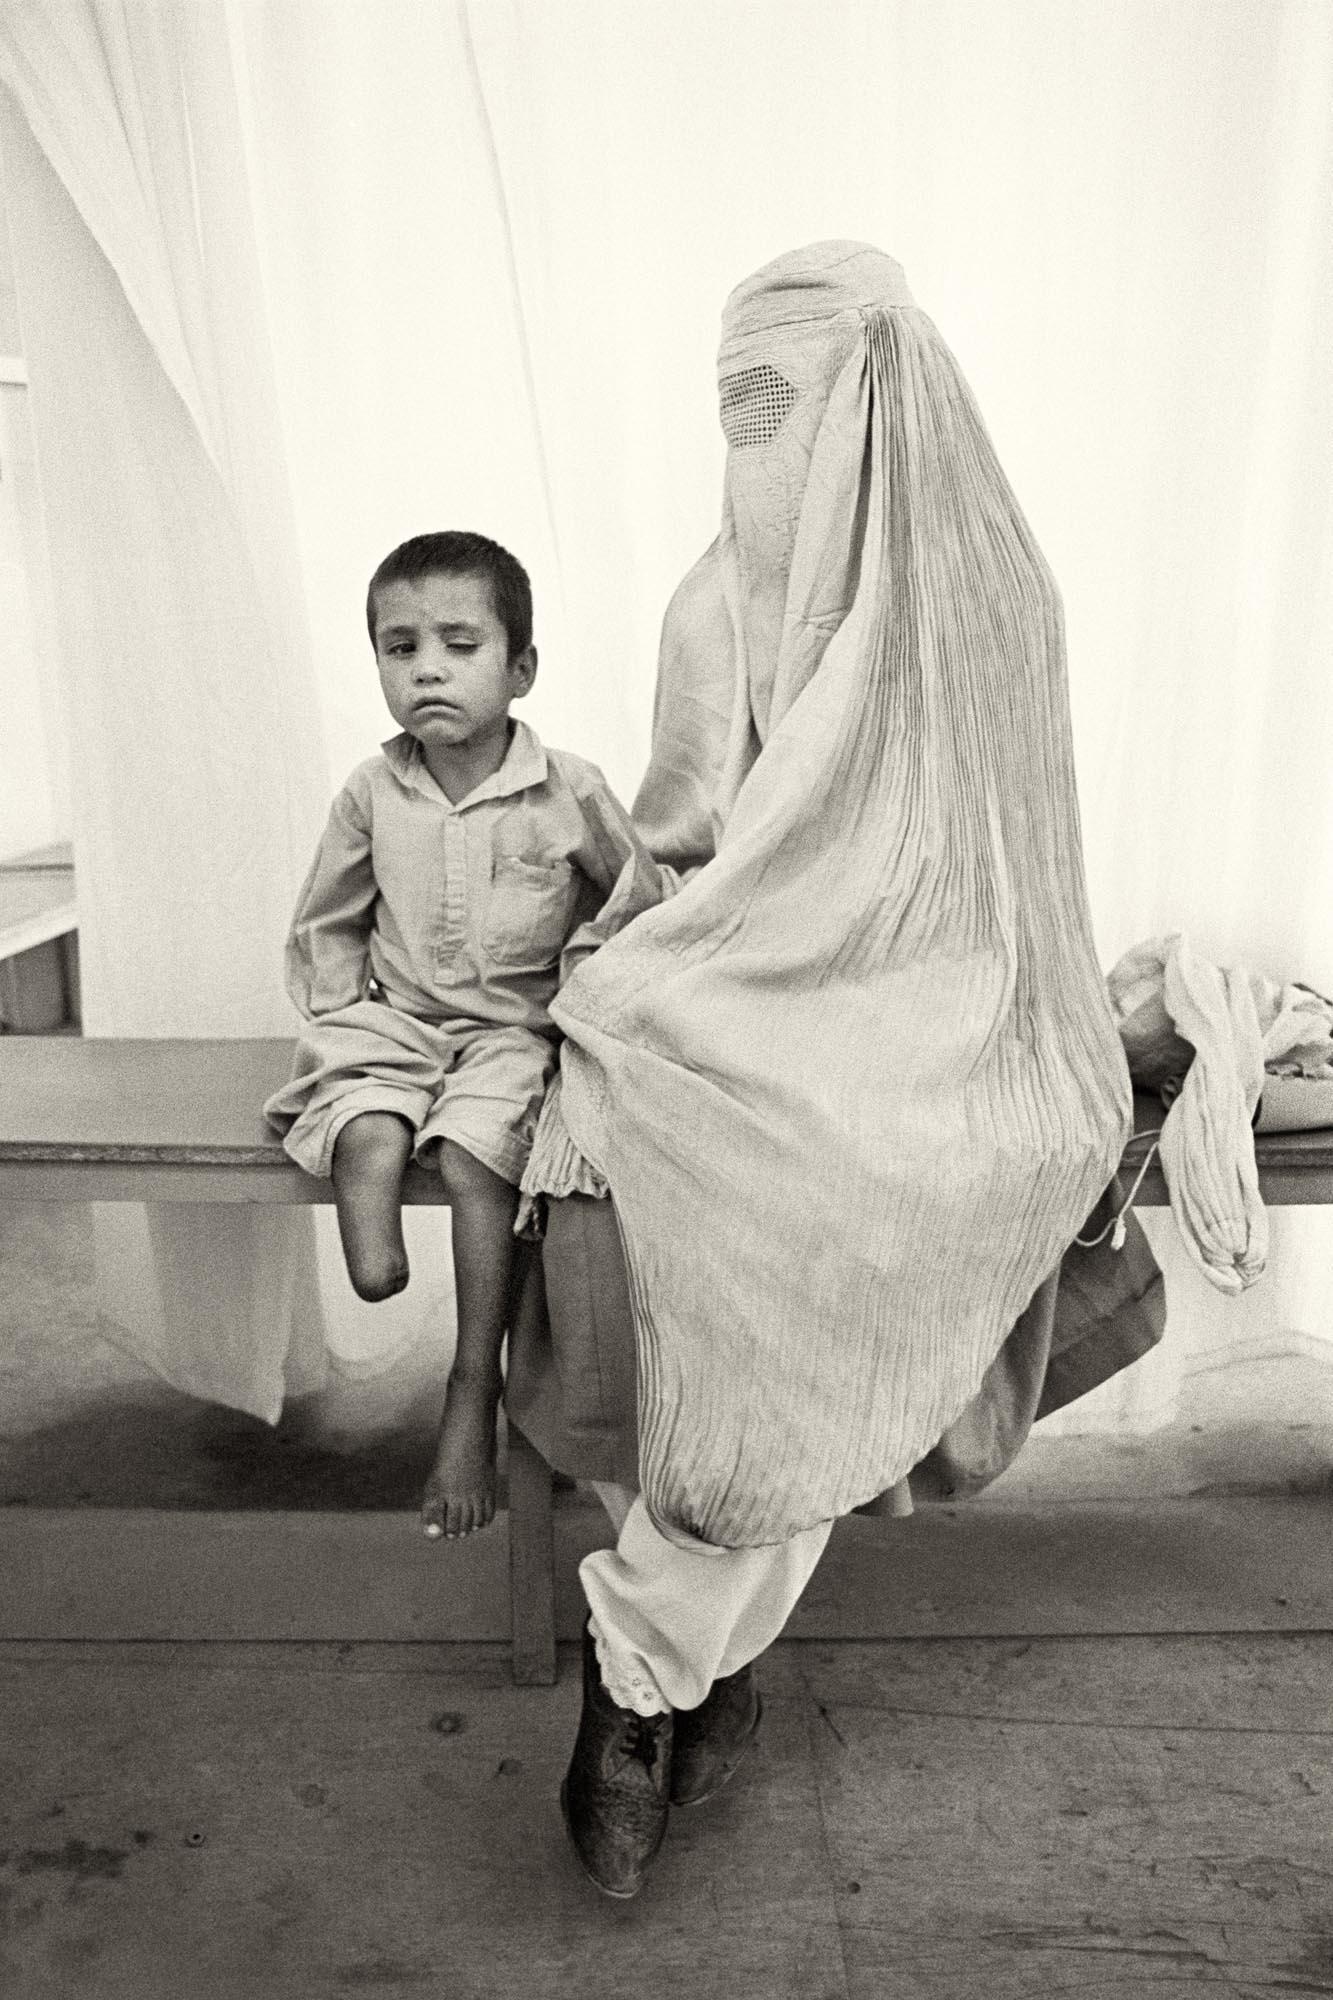 Sarwar, de seis años, perdió la pierna y un ojo en una explosión de una mina. Le acompaña su madre cubierta por la burka. Kabul (Afganistán), agosto de 1996.